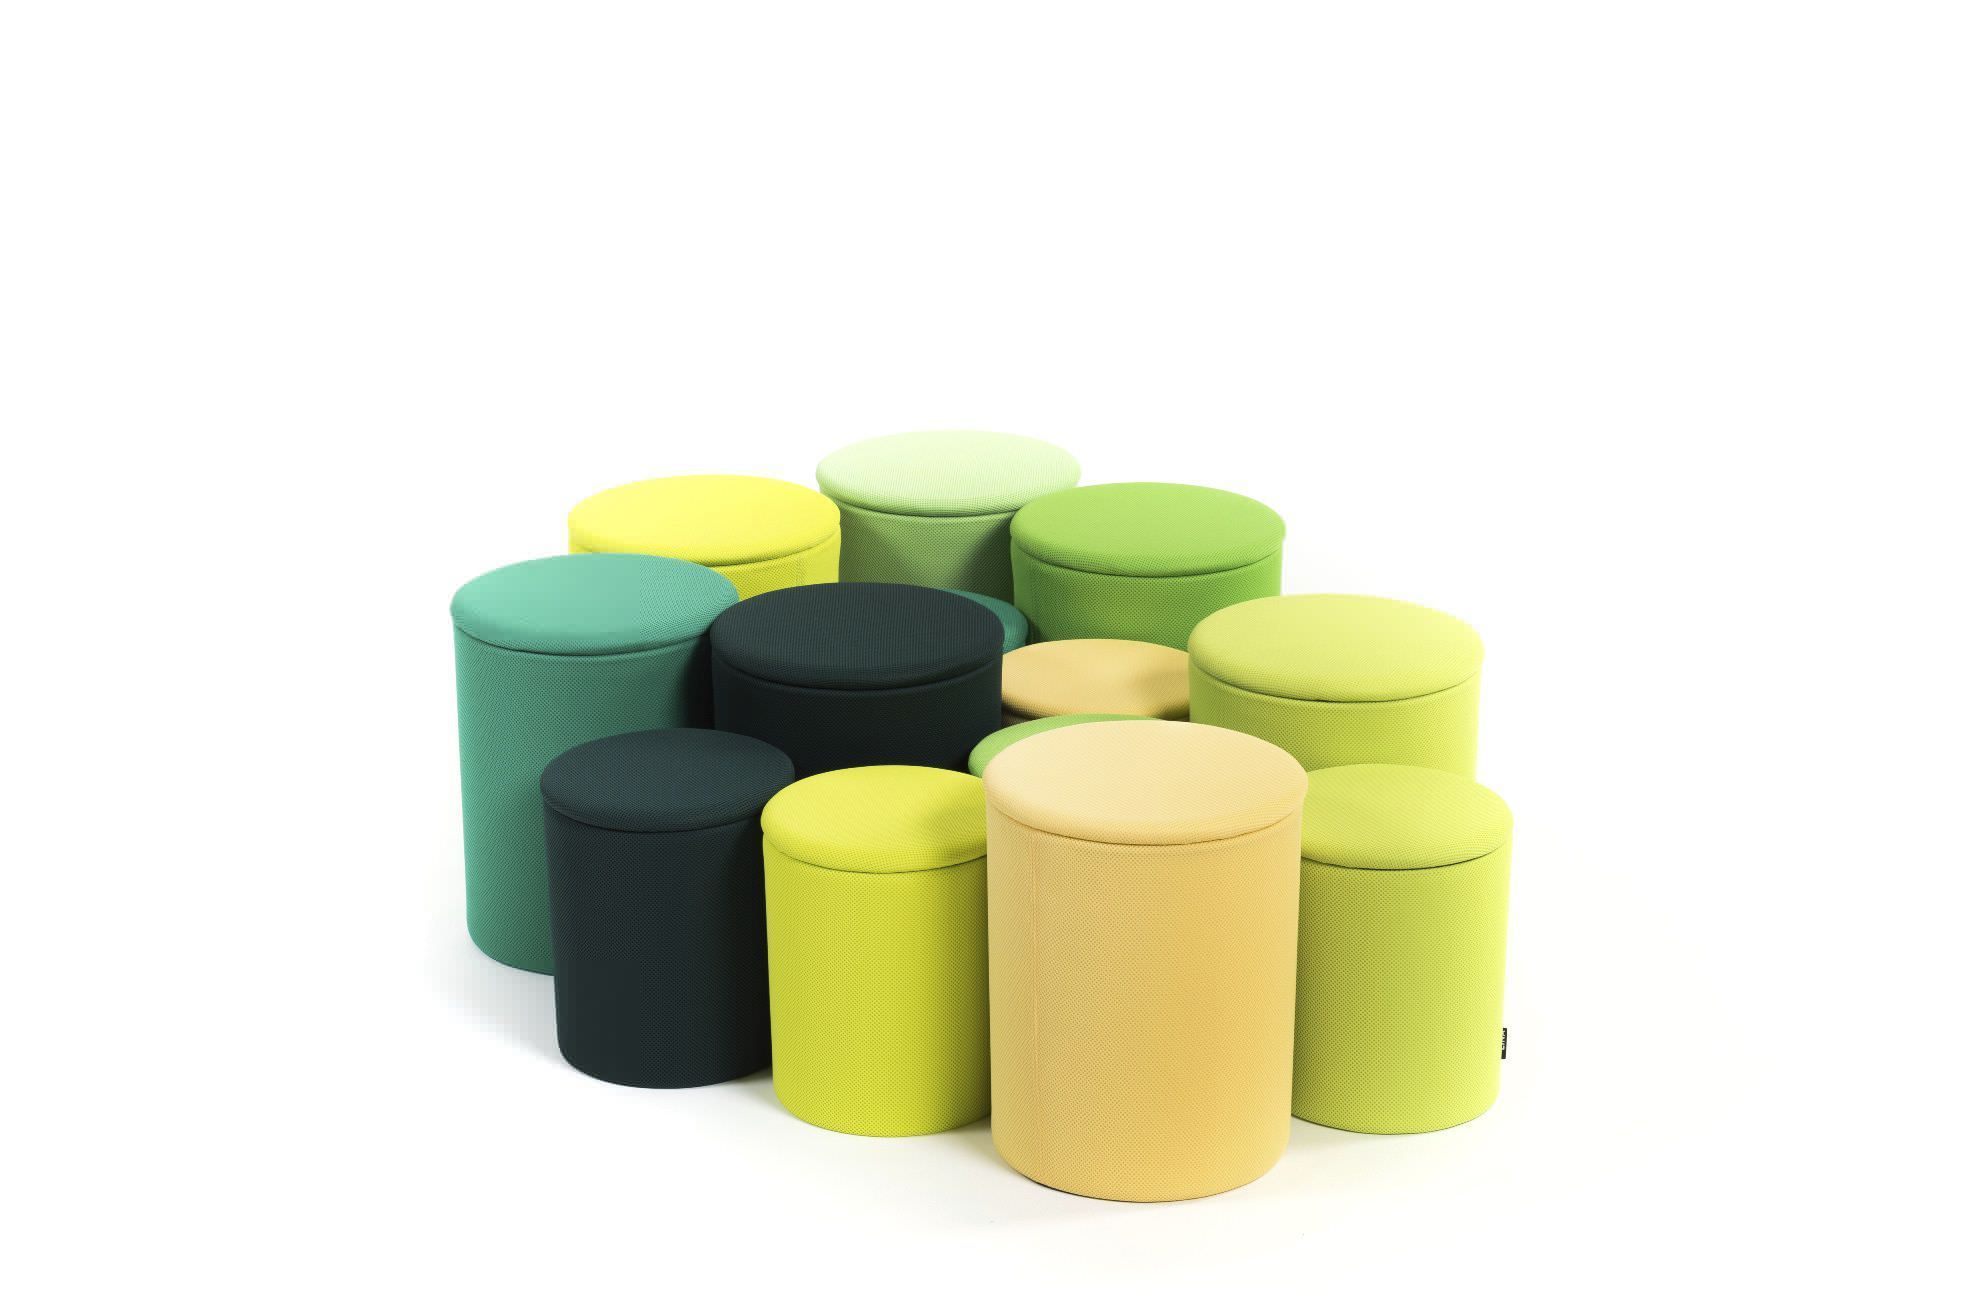 Pouf design pouf design en forme de cube proposé en 11 couleurs